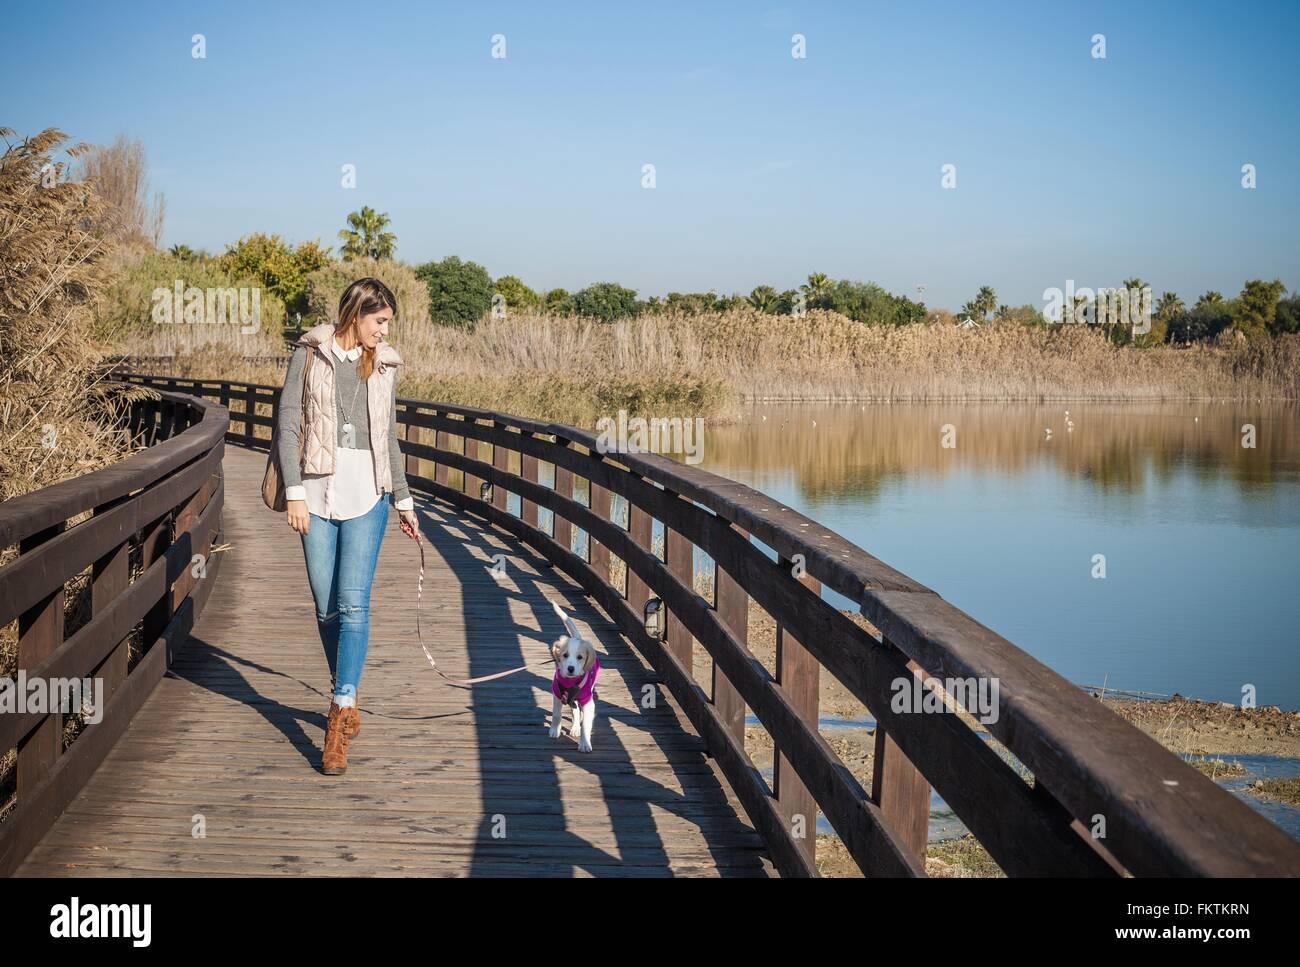 Voller Länge Vorderansicht junge Frau erhöhten Holzsteg Wandern Hund Stockfoto